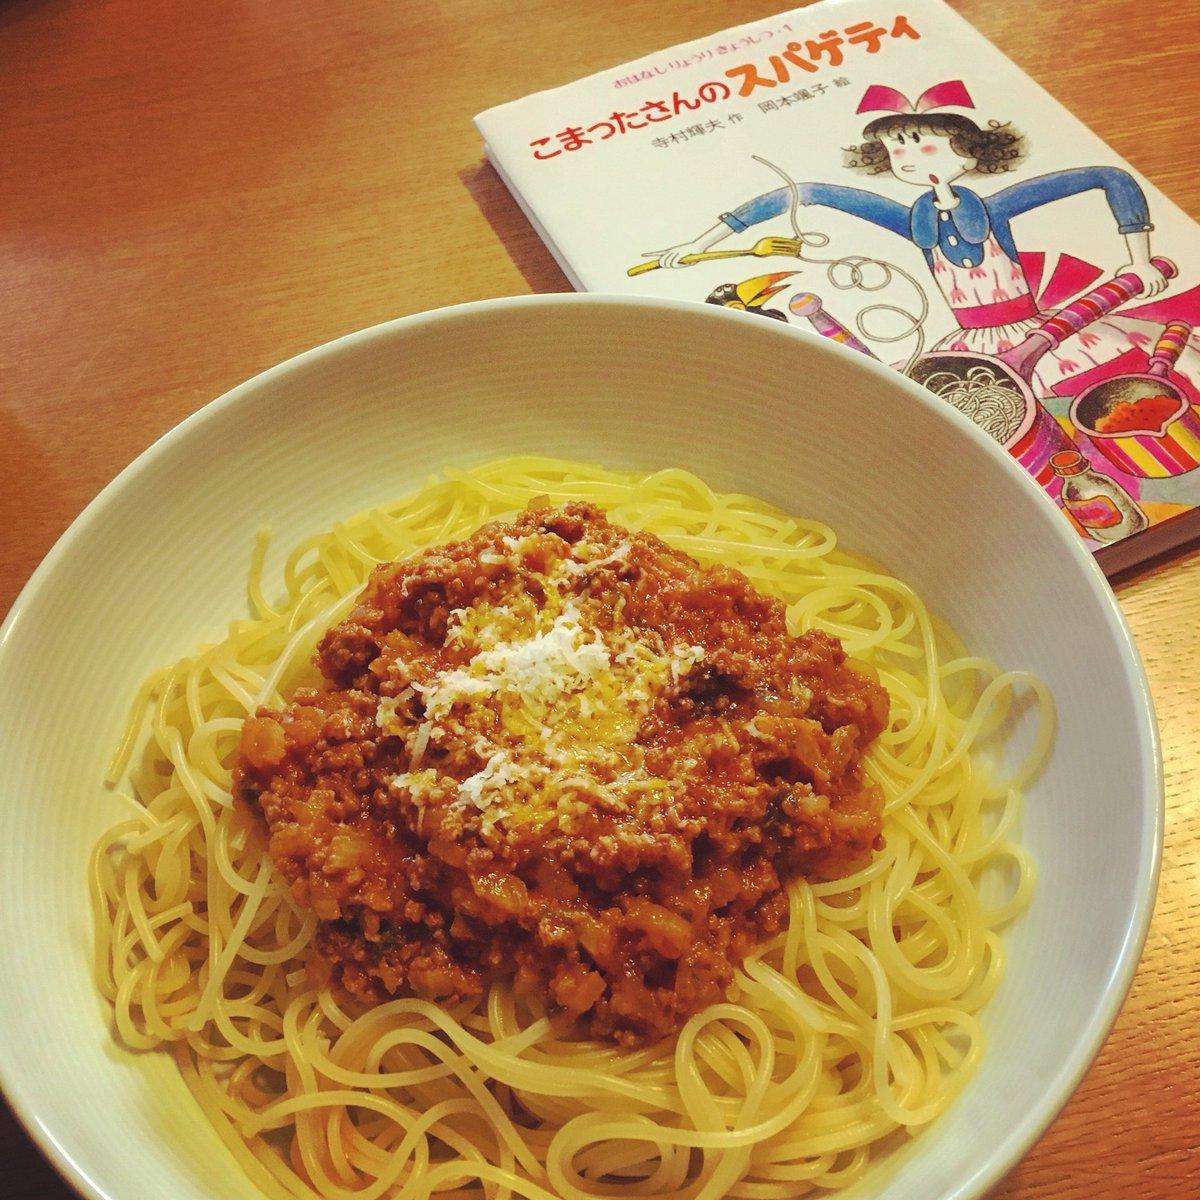 こまったさんのスパゲティのレシピどおりにミートソースを作ったら、ホントに